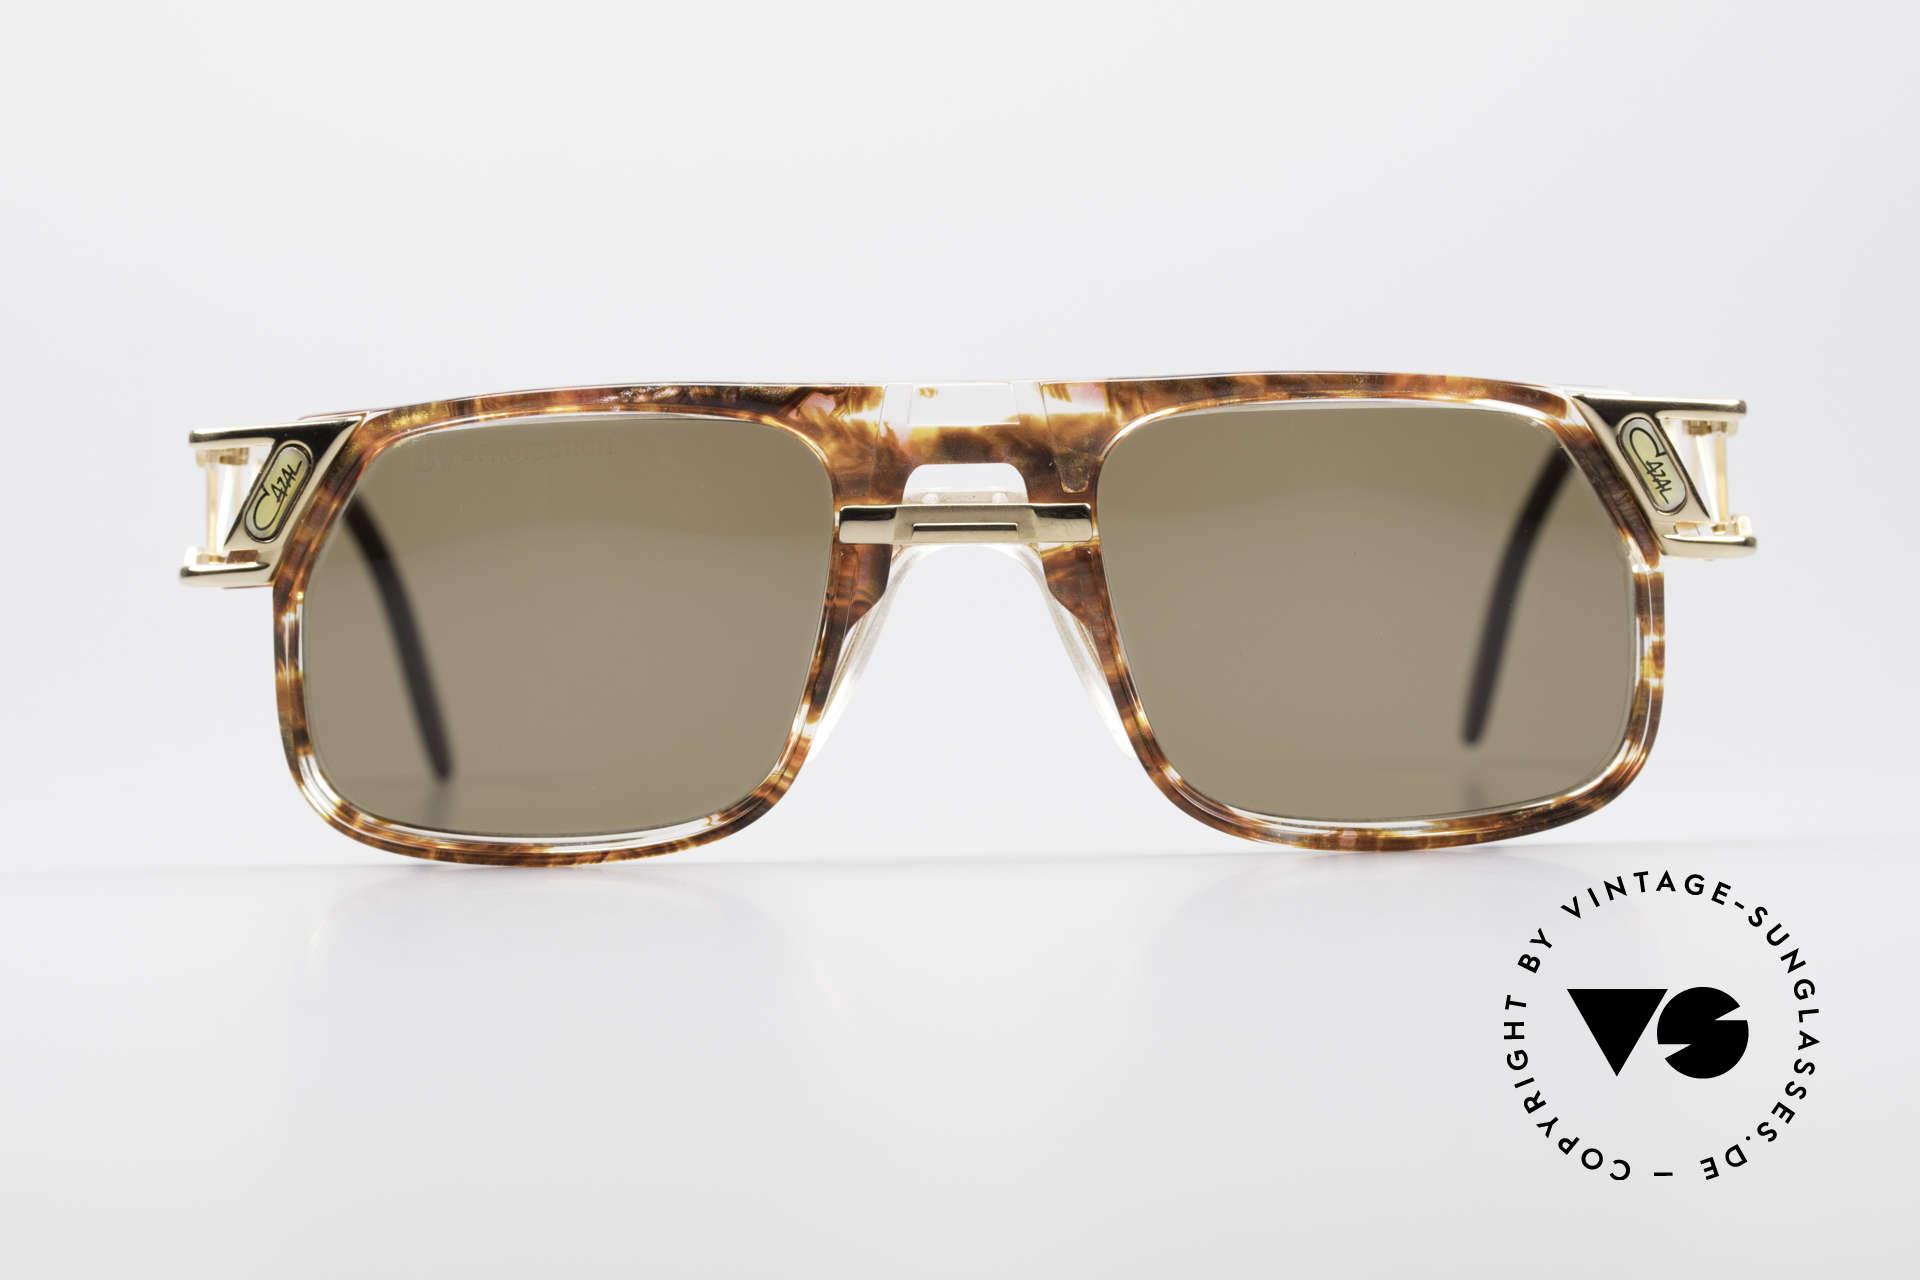 Cazal 876 Echt 90er No Retro Brille, vom Design-Papst Cari Zalloni (Mr. CAZAL) entworfen, Passend für Herren und Damen